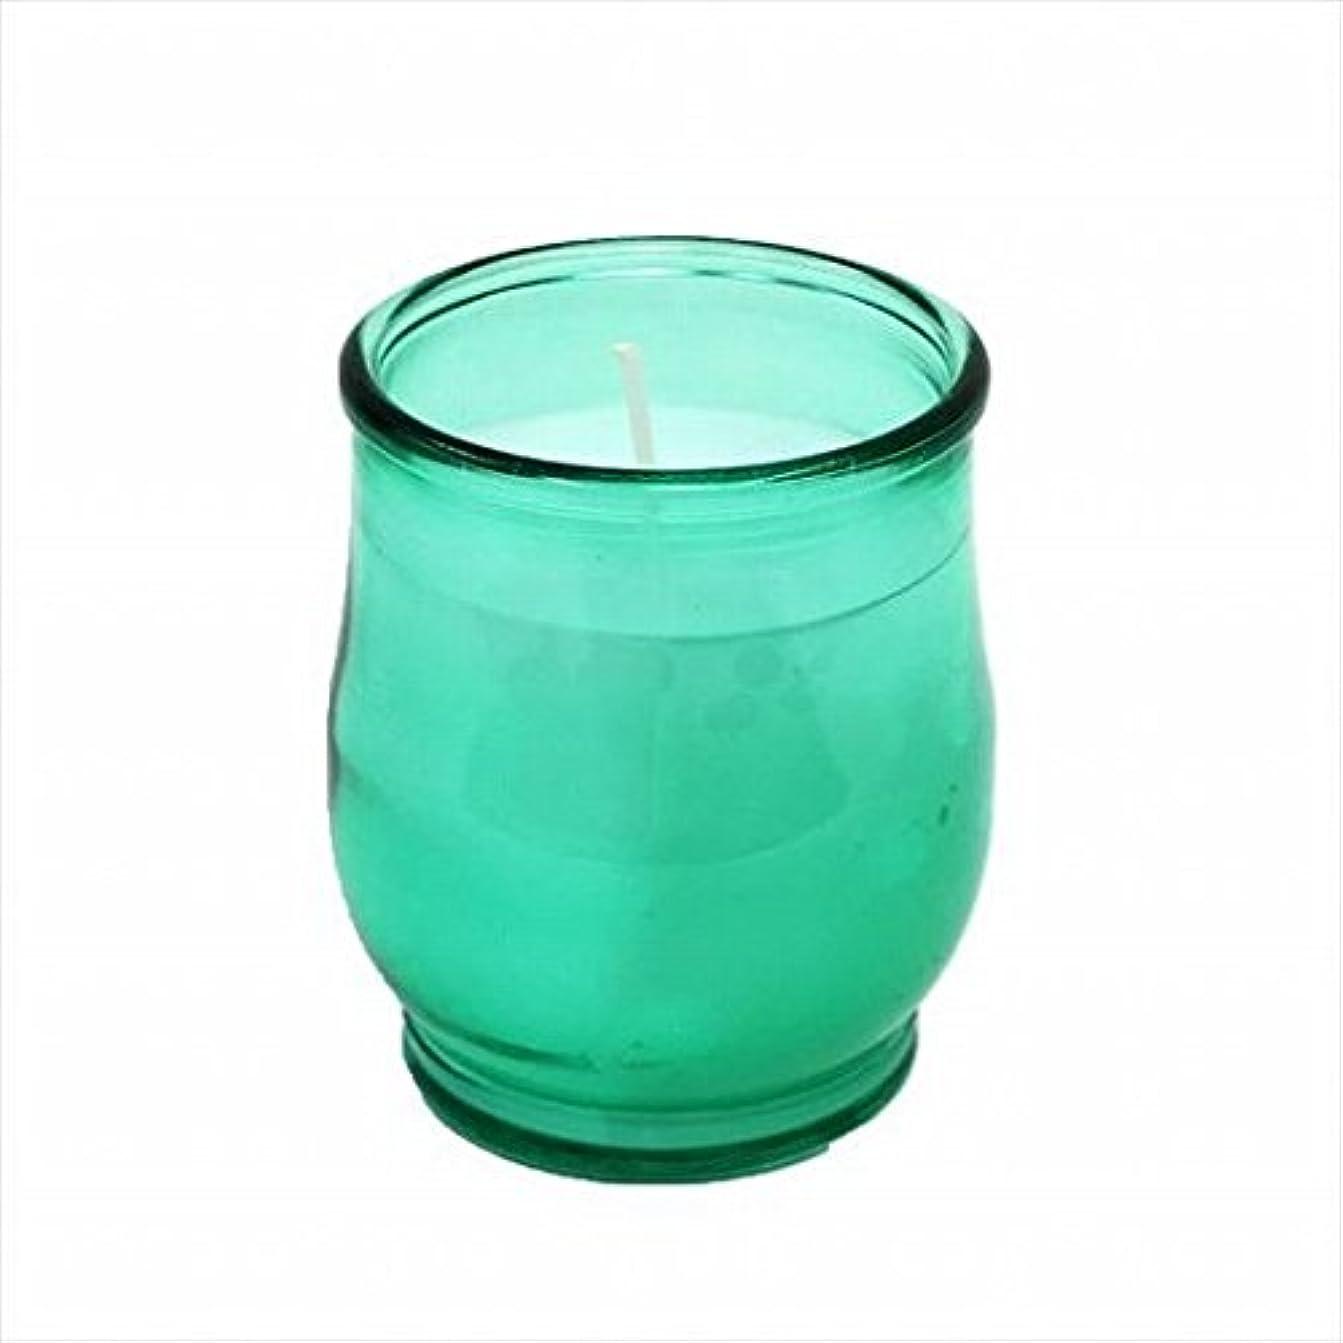 伝記つぼみエミュレートするkameyama candle(カメヤマキャンドル) ポシェ(非常用コップローソク) 「 グリーン(ライトカラー) 」 キャンドル 68x68x80mm (73020030G)